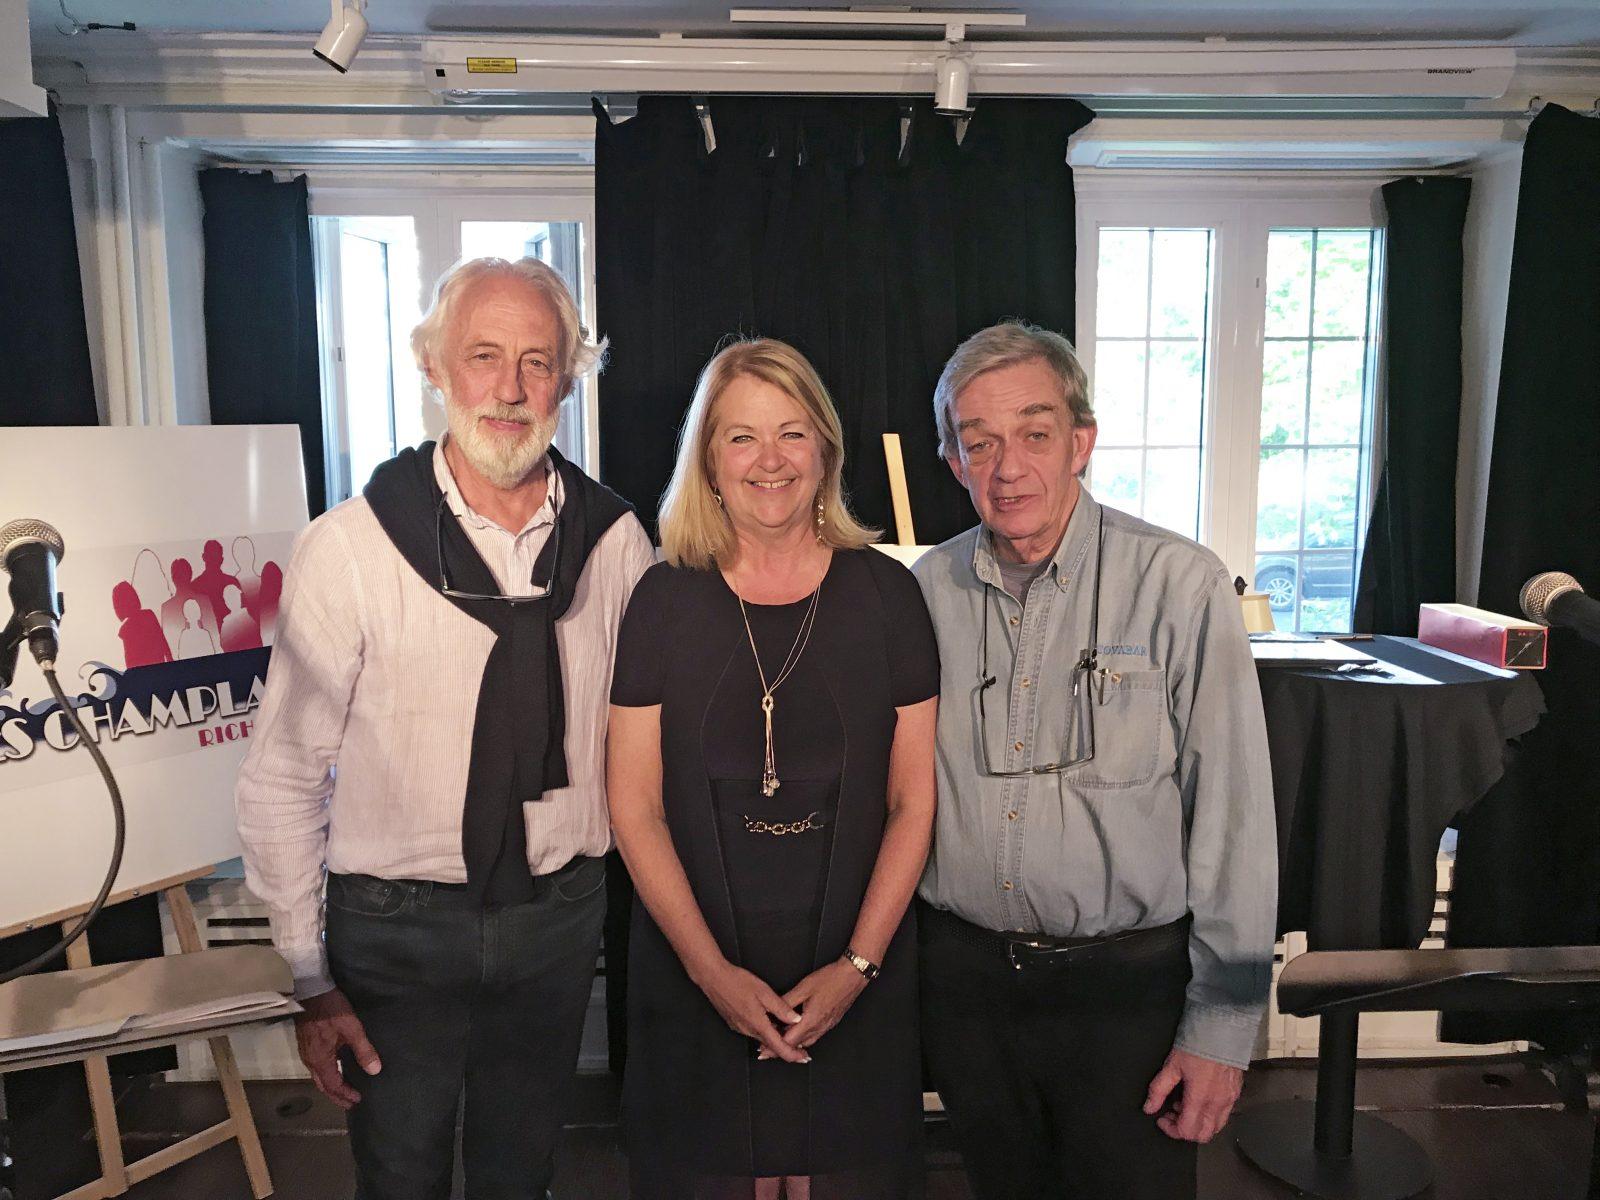 Gestion de l'eau: la MRC de Marguerite-D'Youville sera l'hôte de la 13e édition des Causeries Champlain